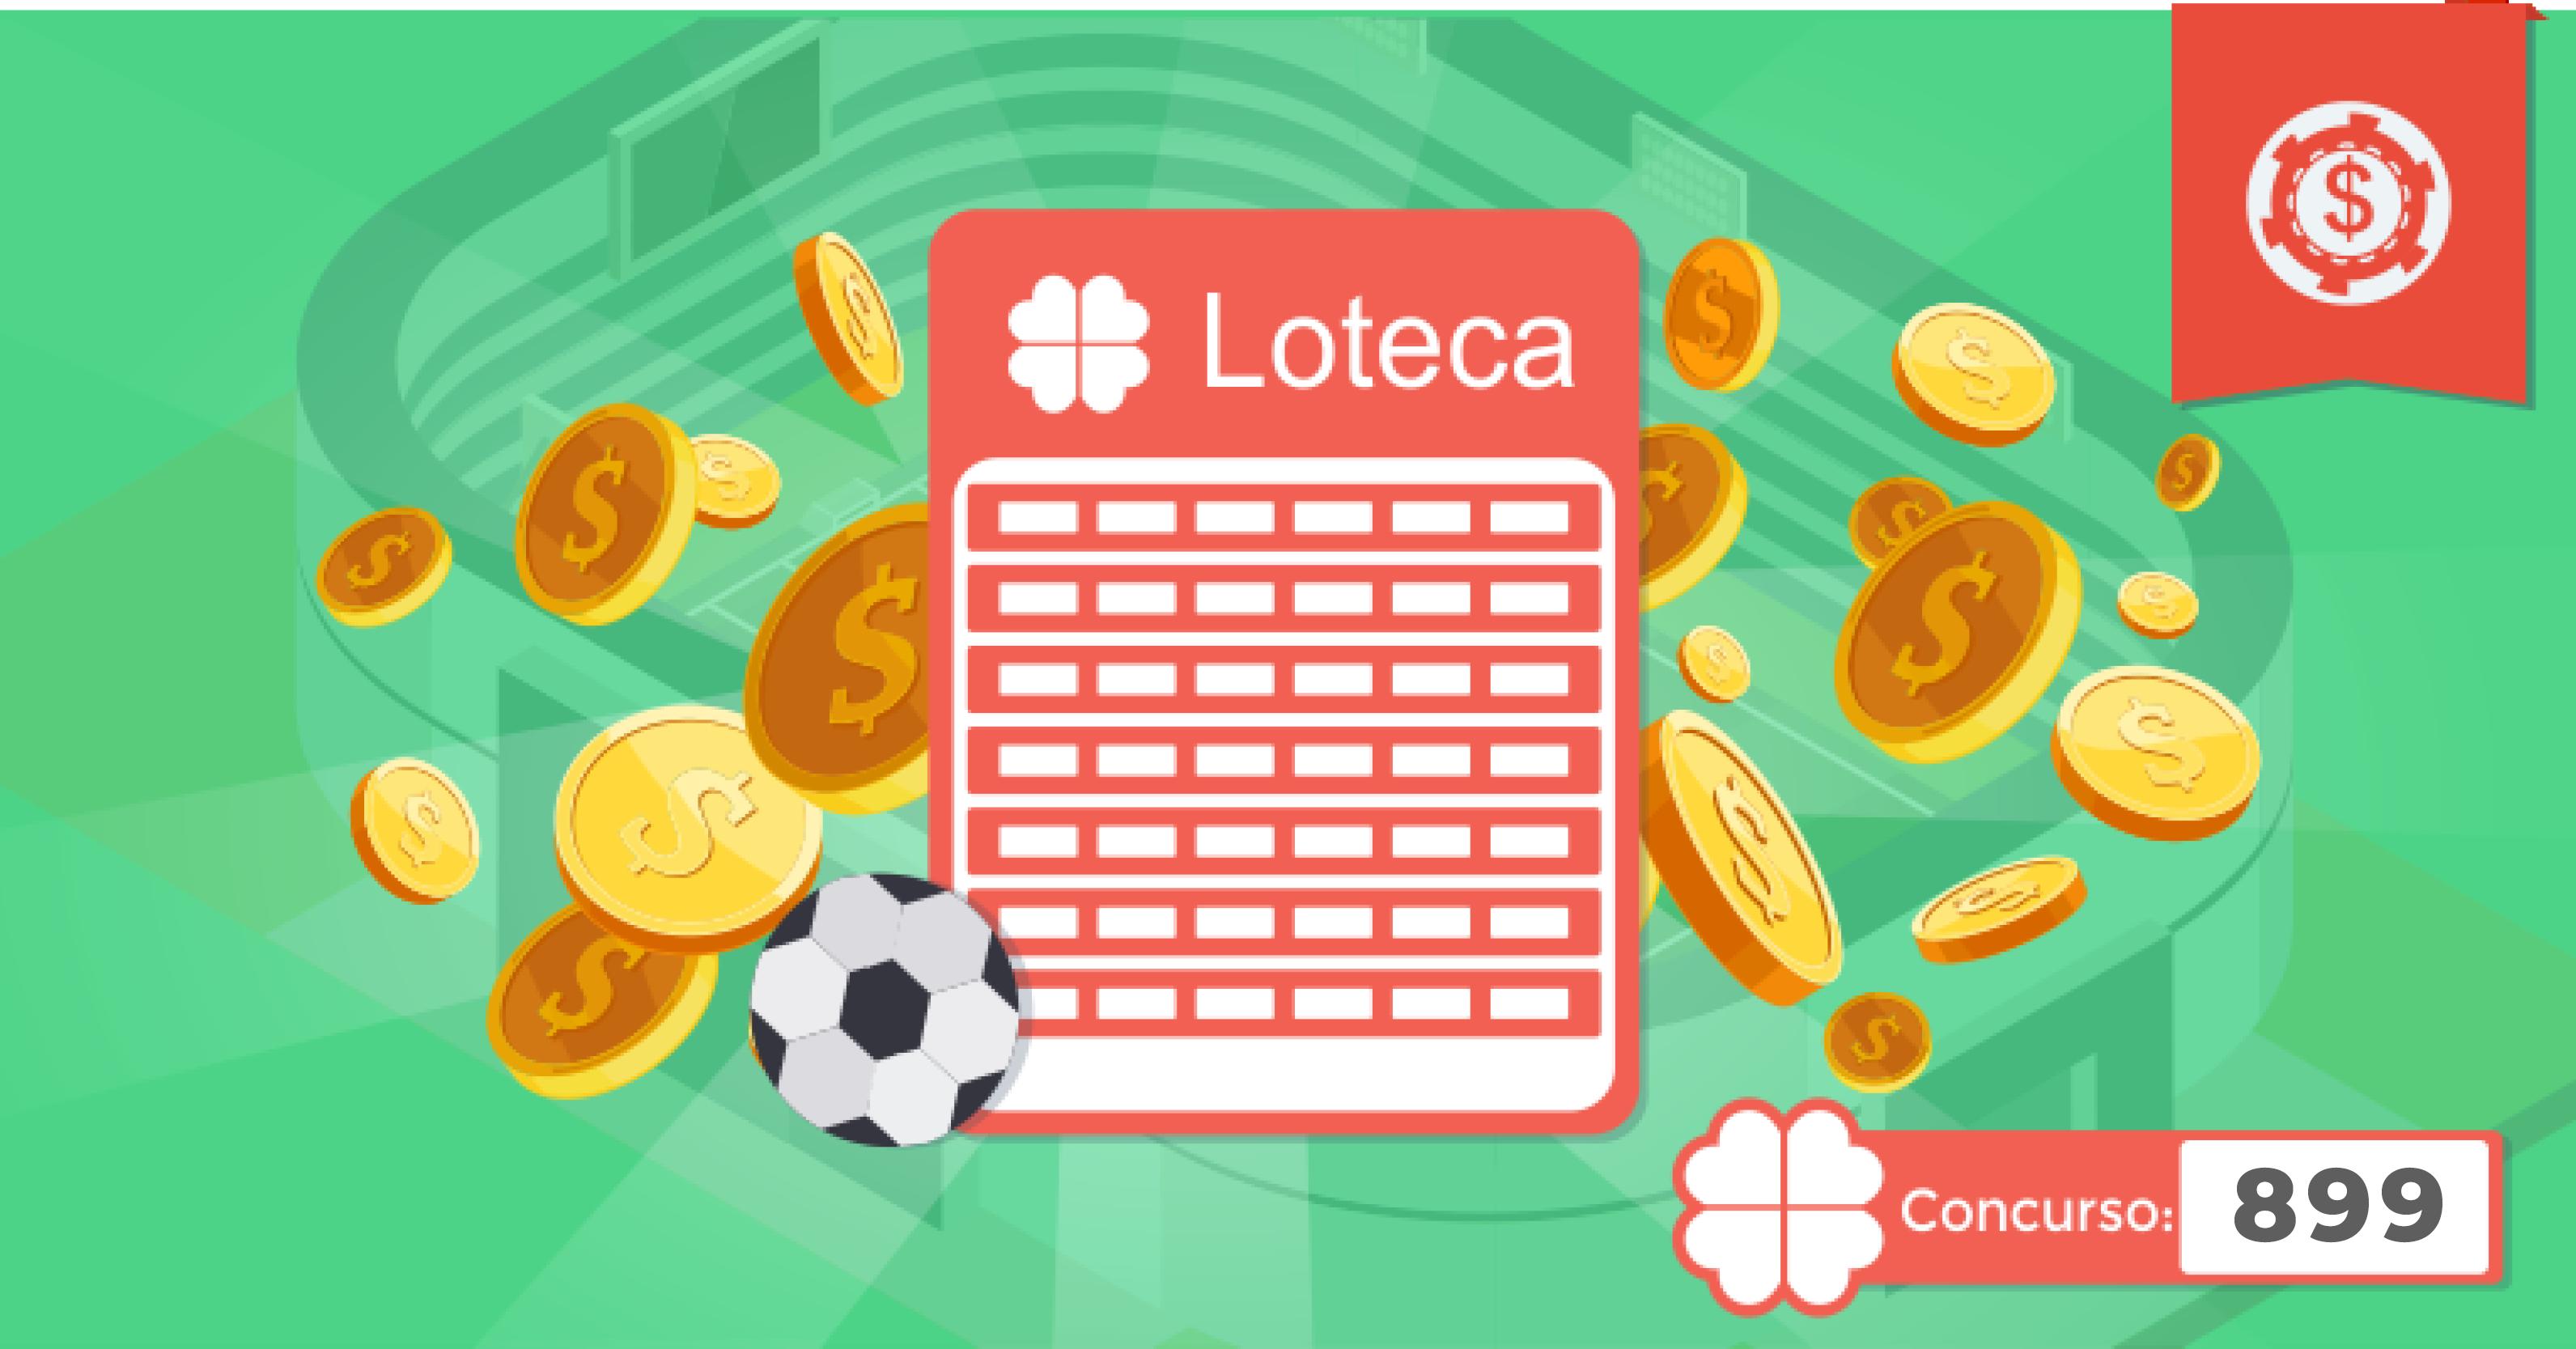 palpites-loteca-899-palpites-loteca-semana